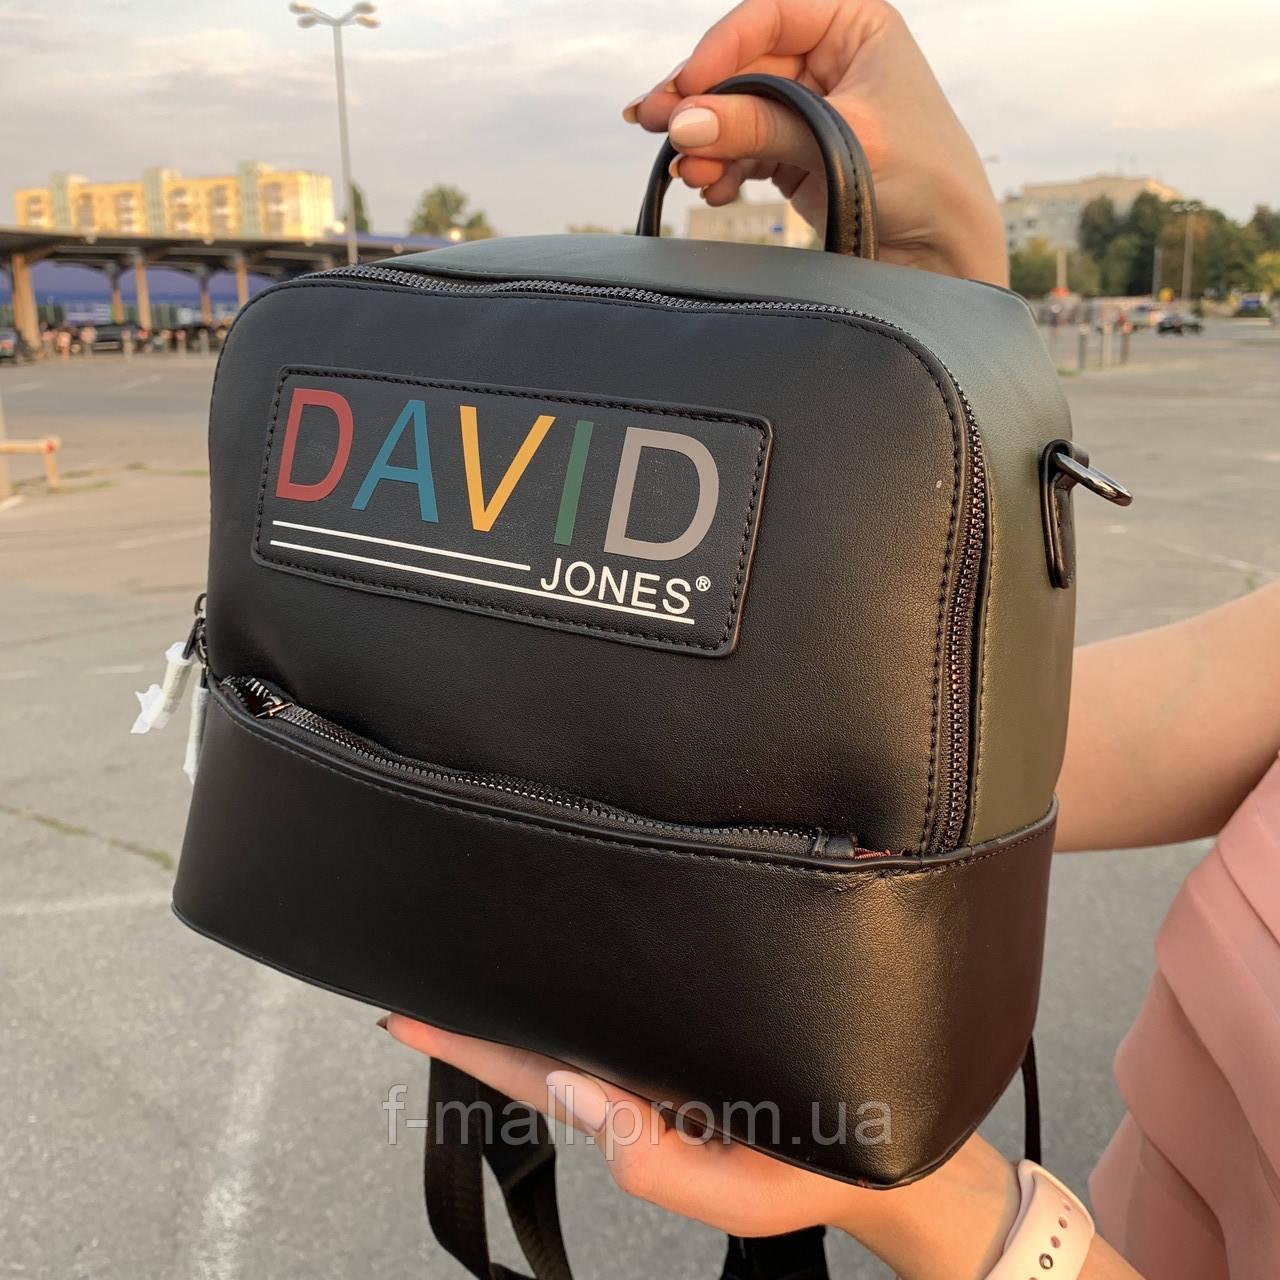 Стильный женский сумка-рюкзак David Jones (6138-3)